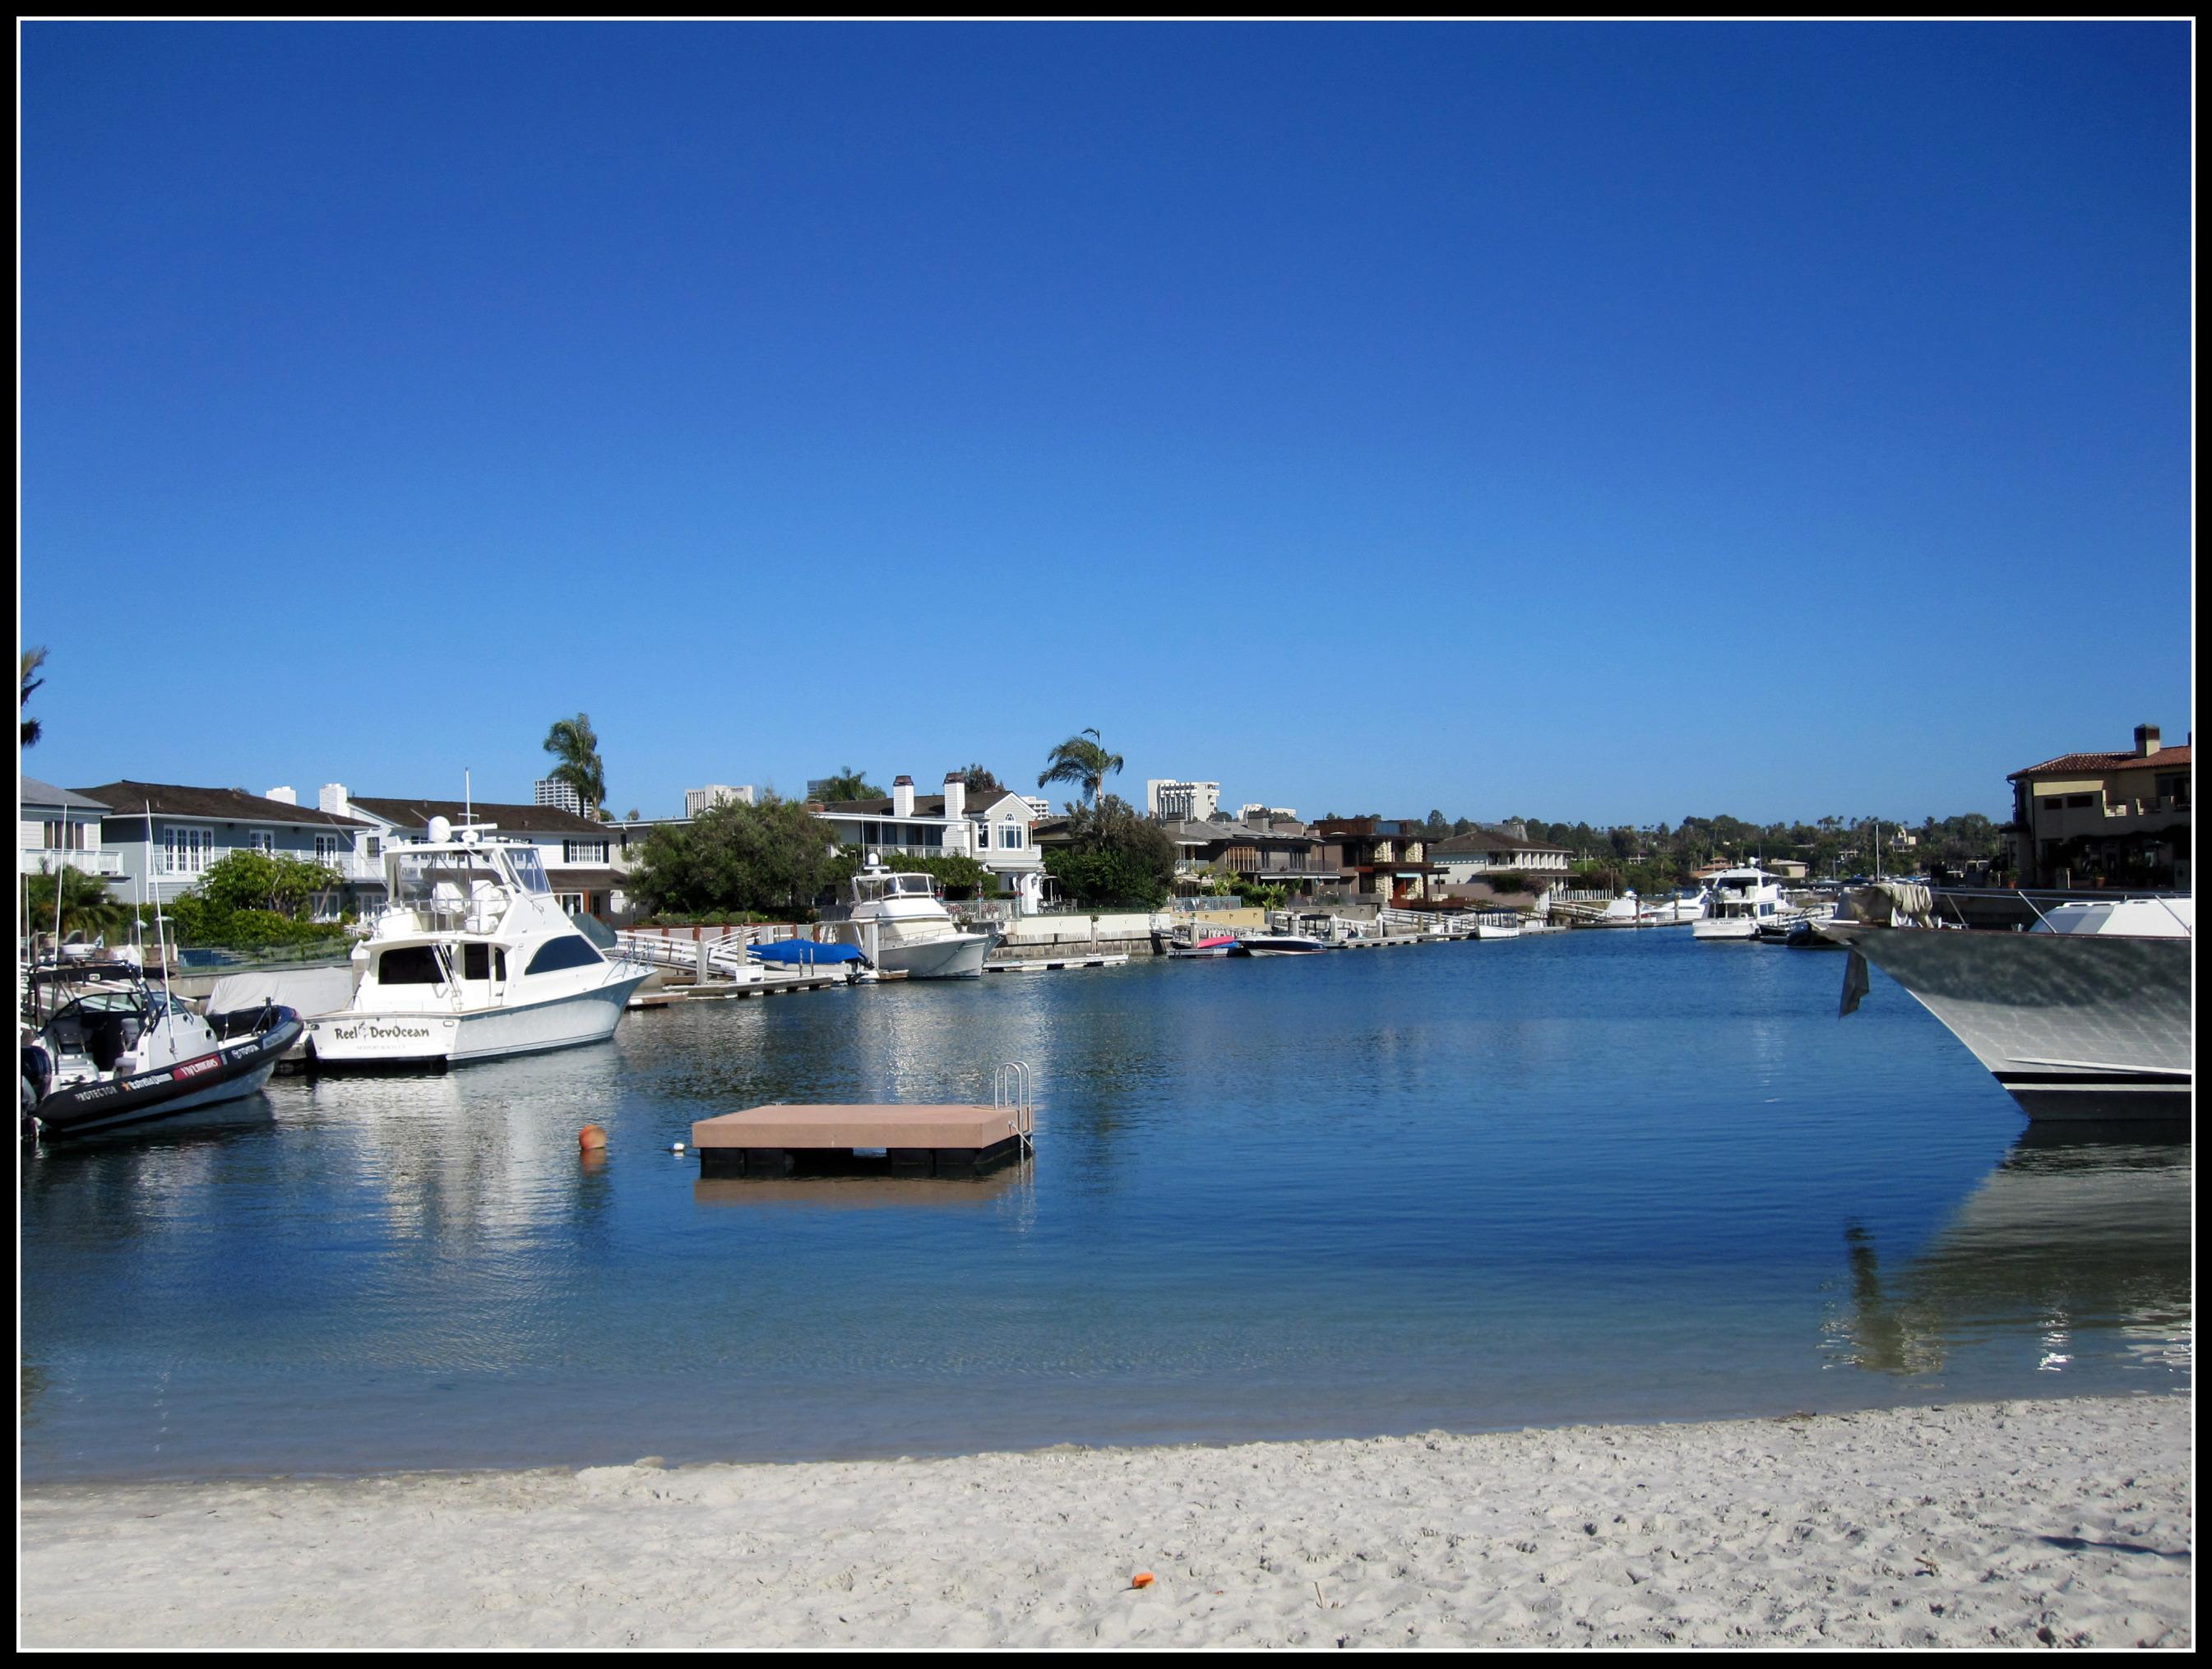 Newport Beach Summer Camps